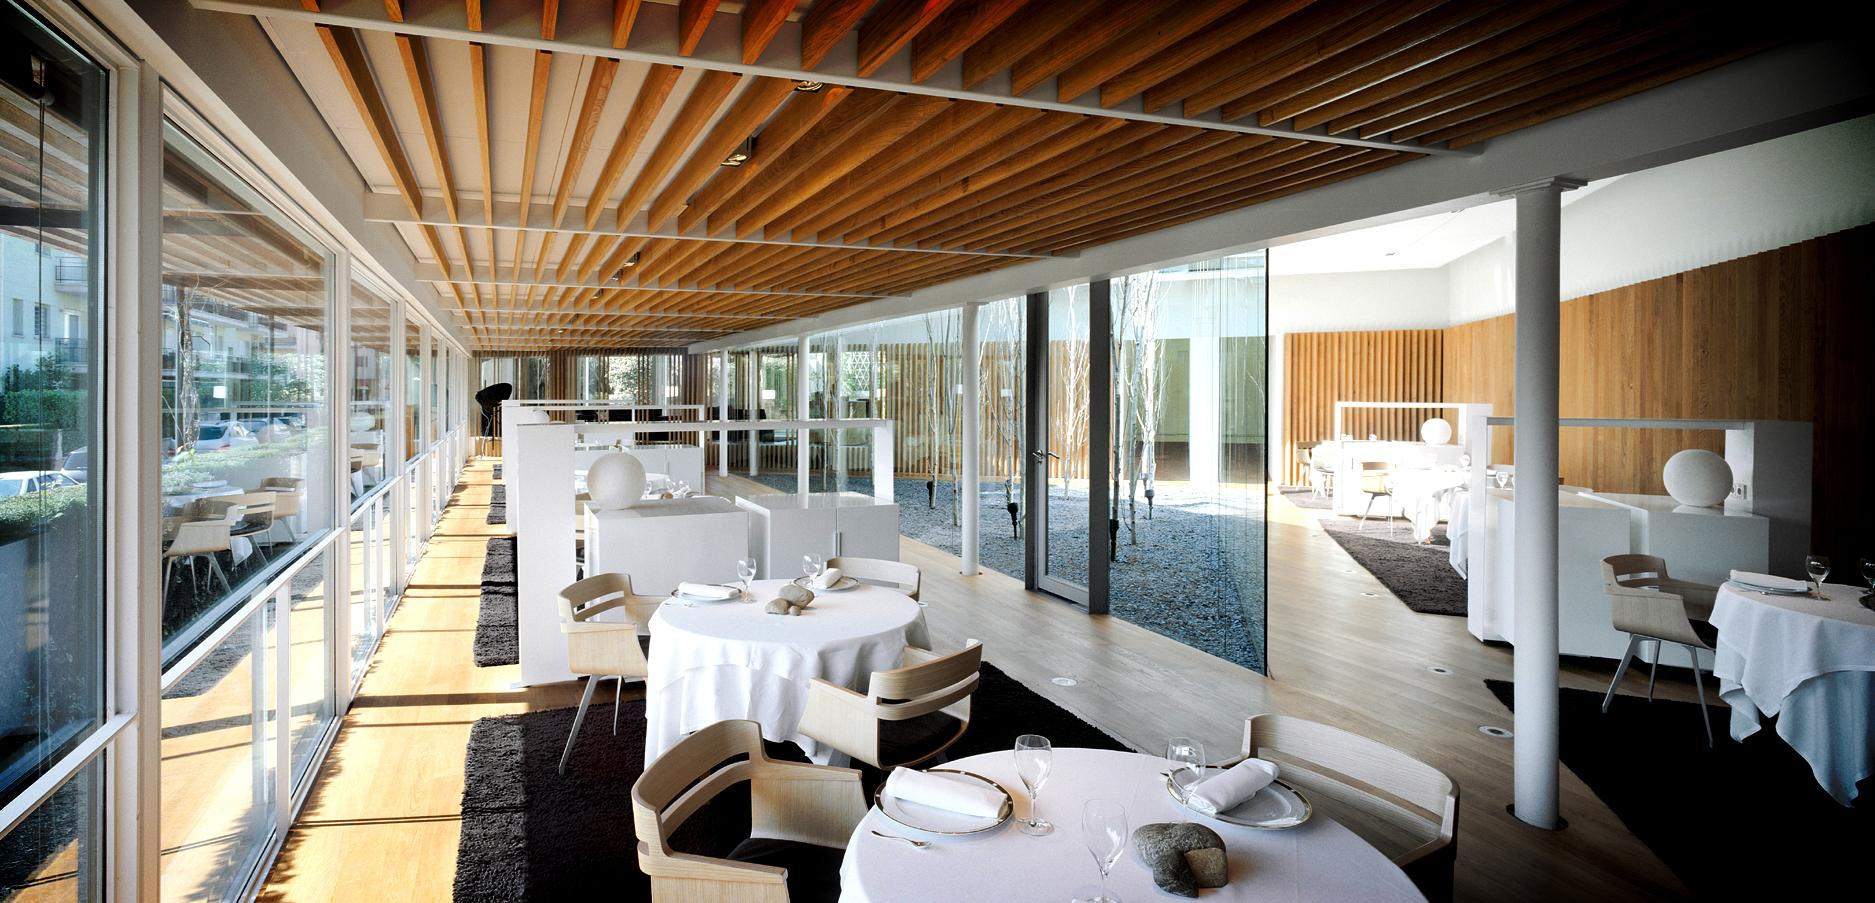 Best Restaurants in Girona Spain